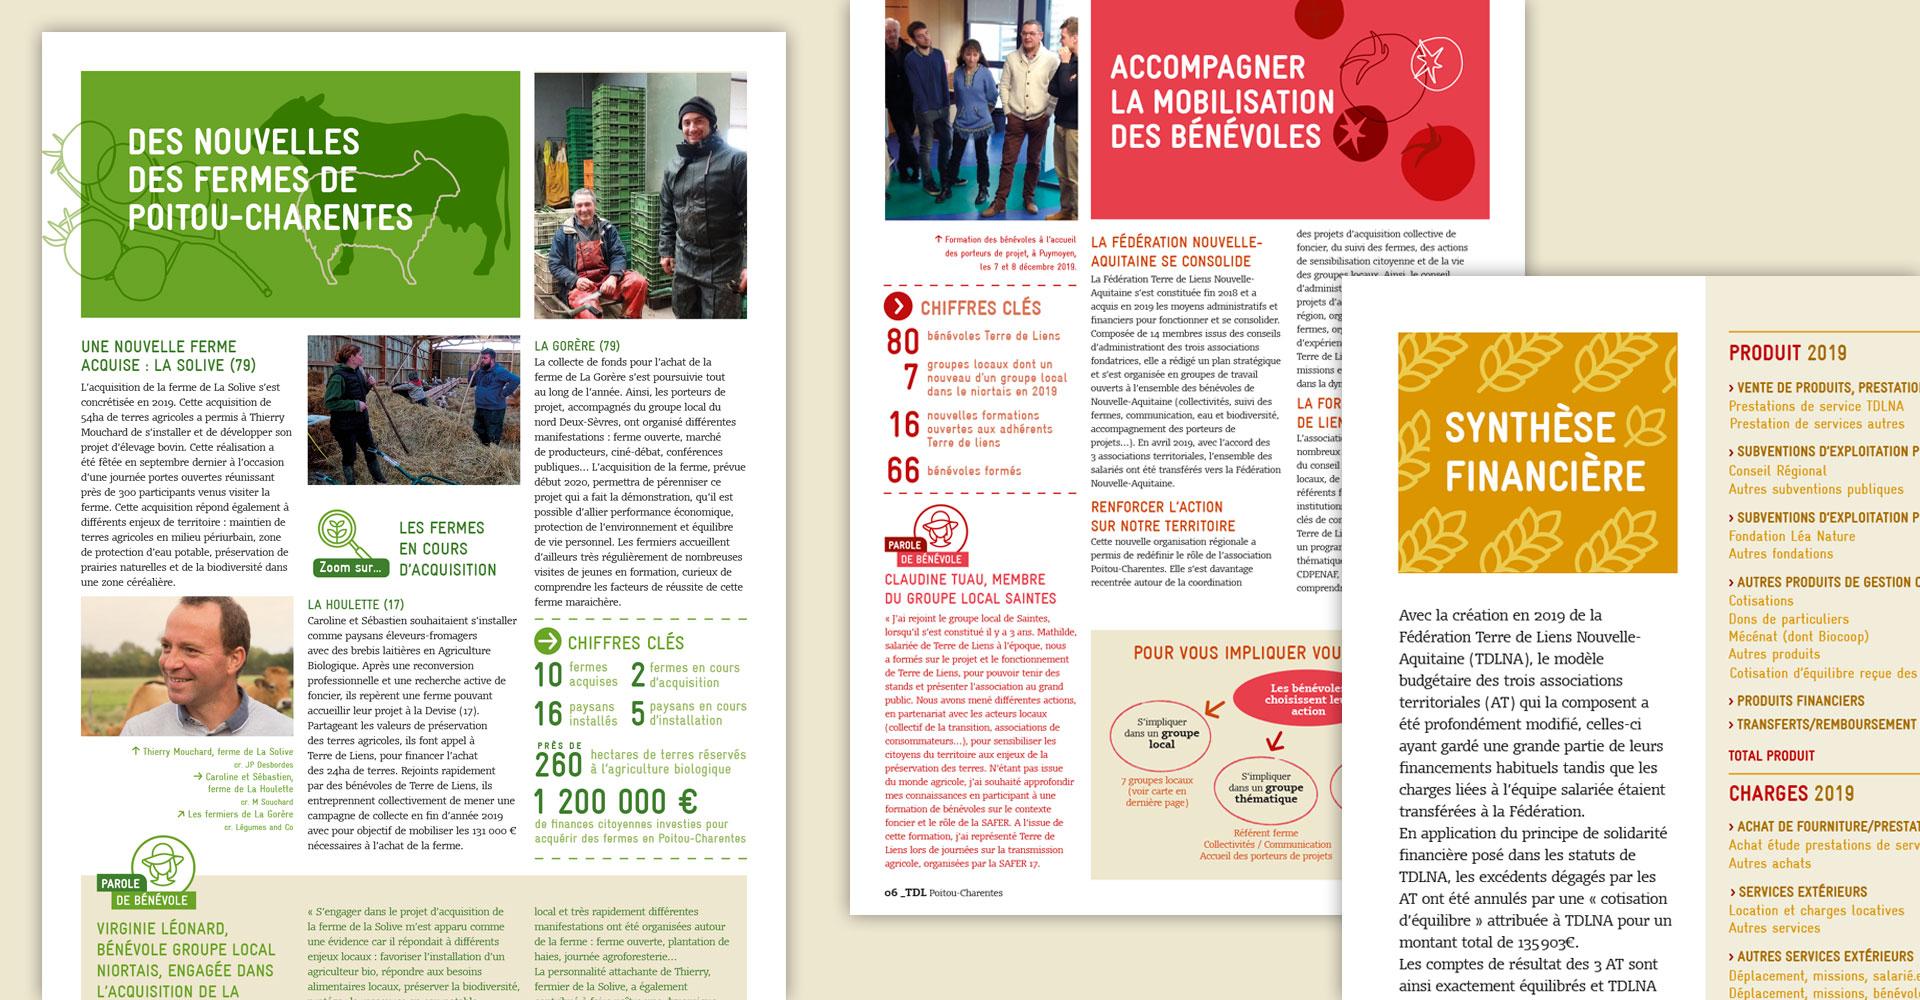 création charte graphique - écologie, agriculture responsable